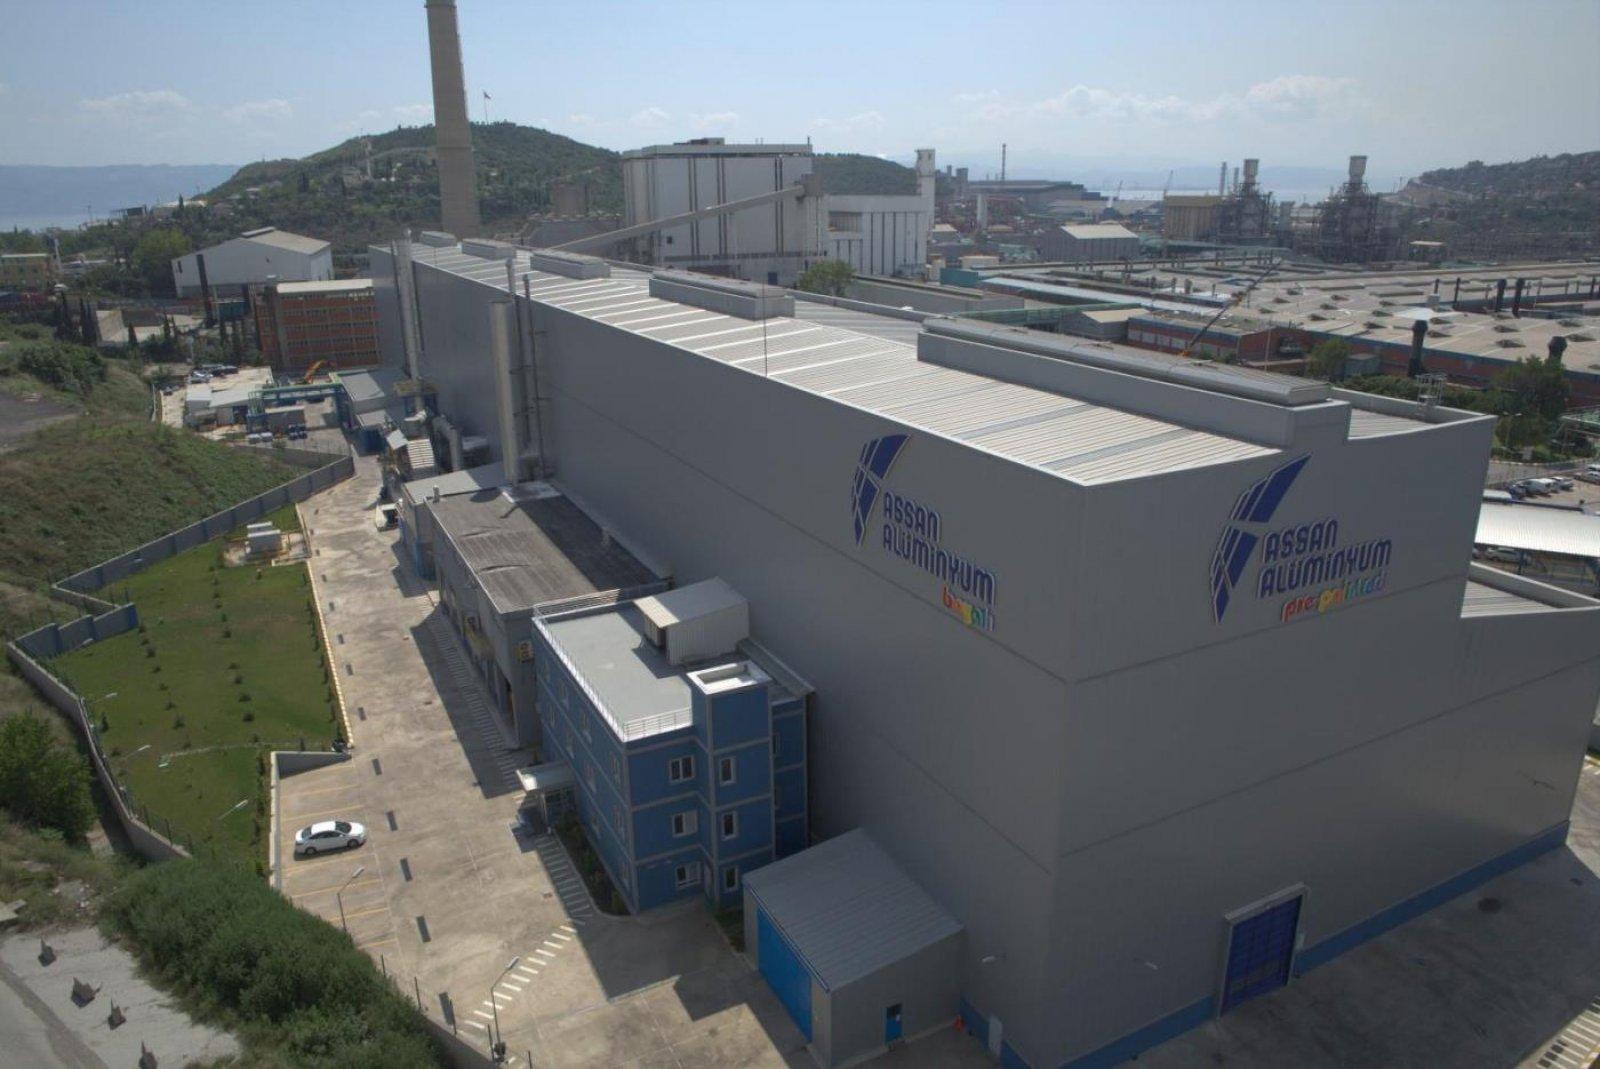 Assan Alüminyum Tuzla Fabrikası